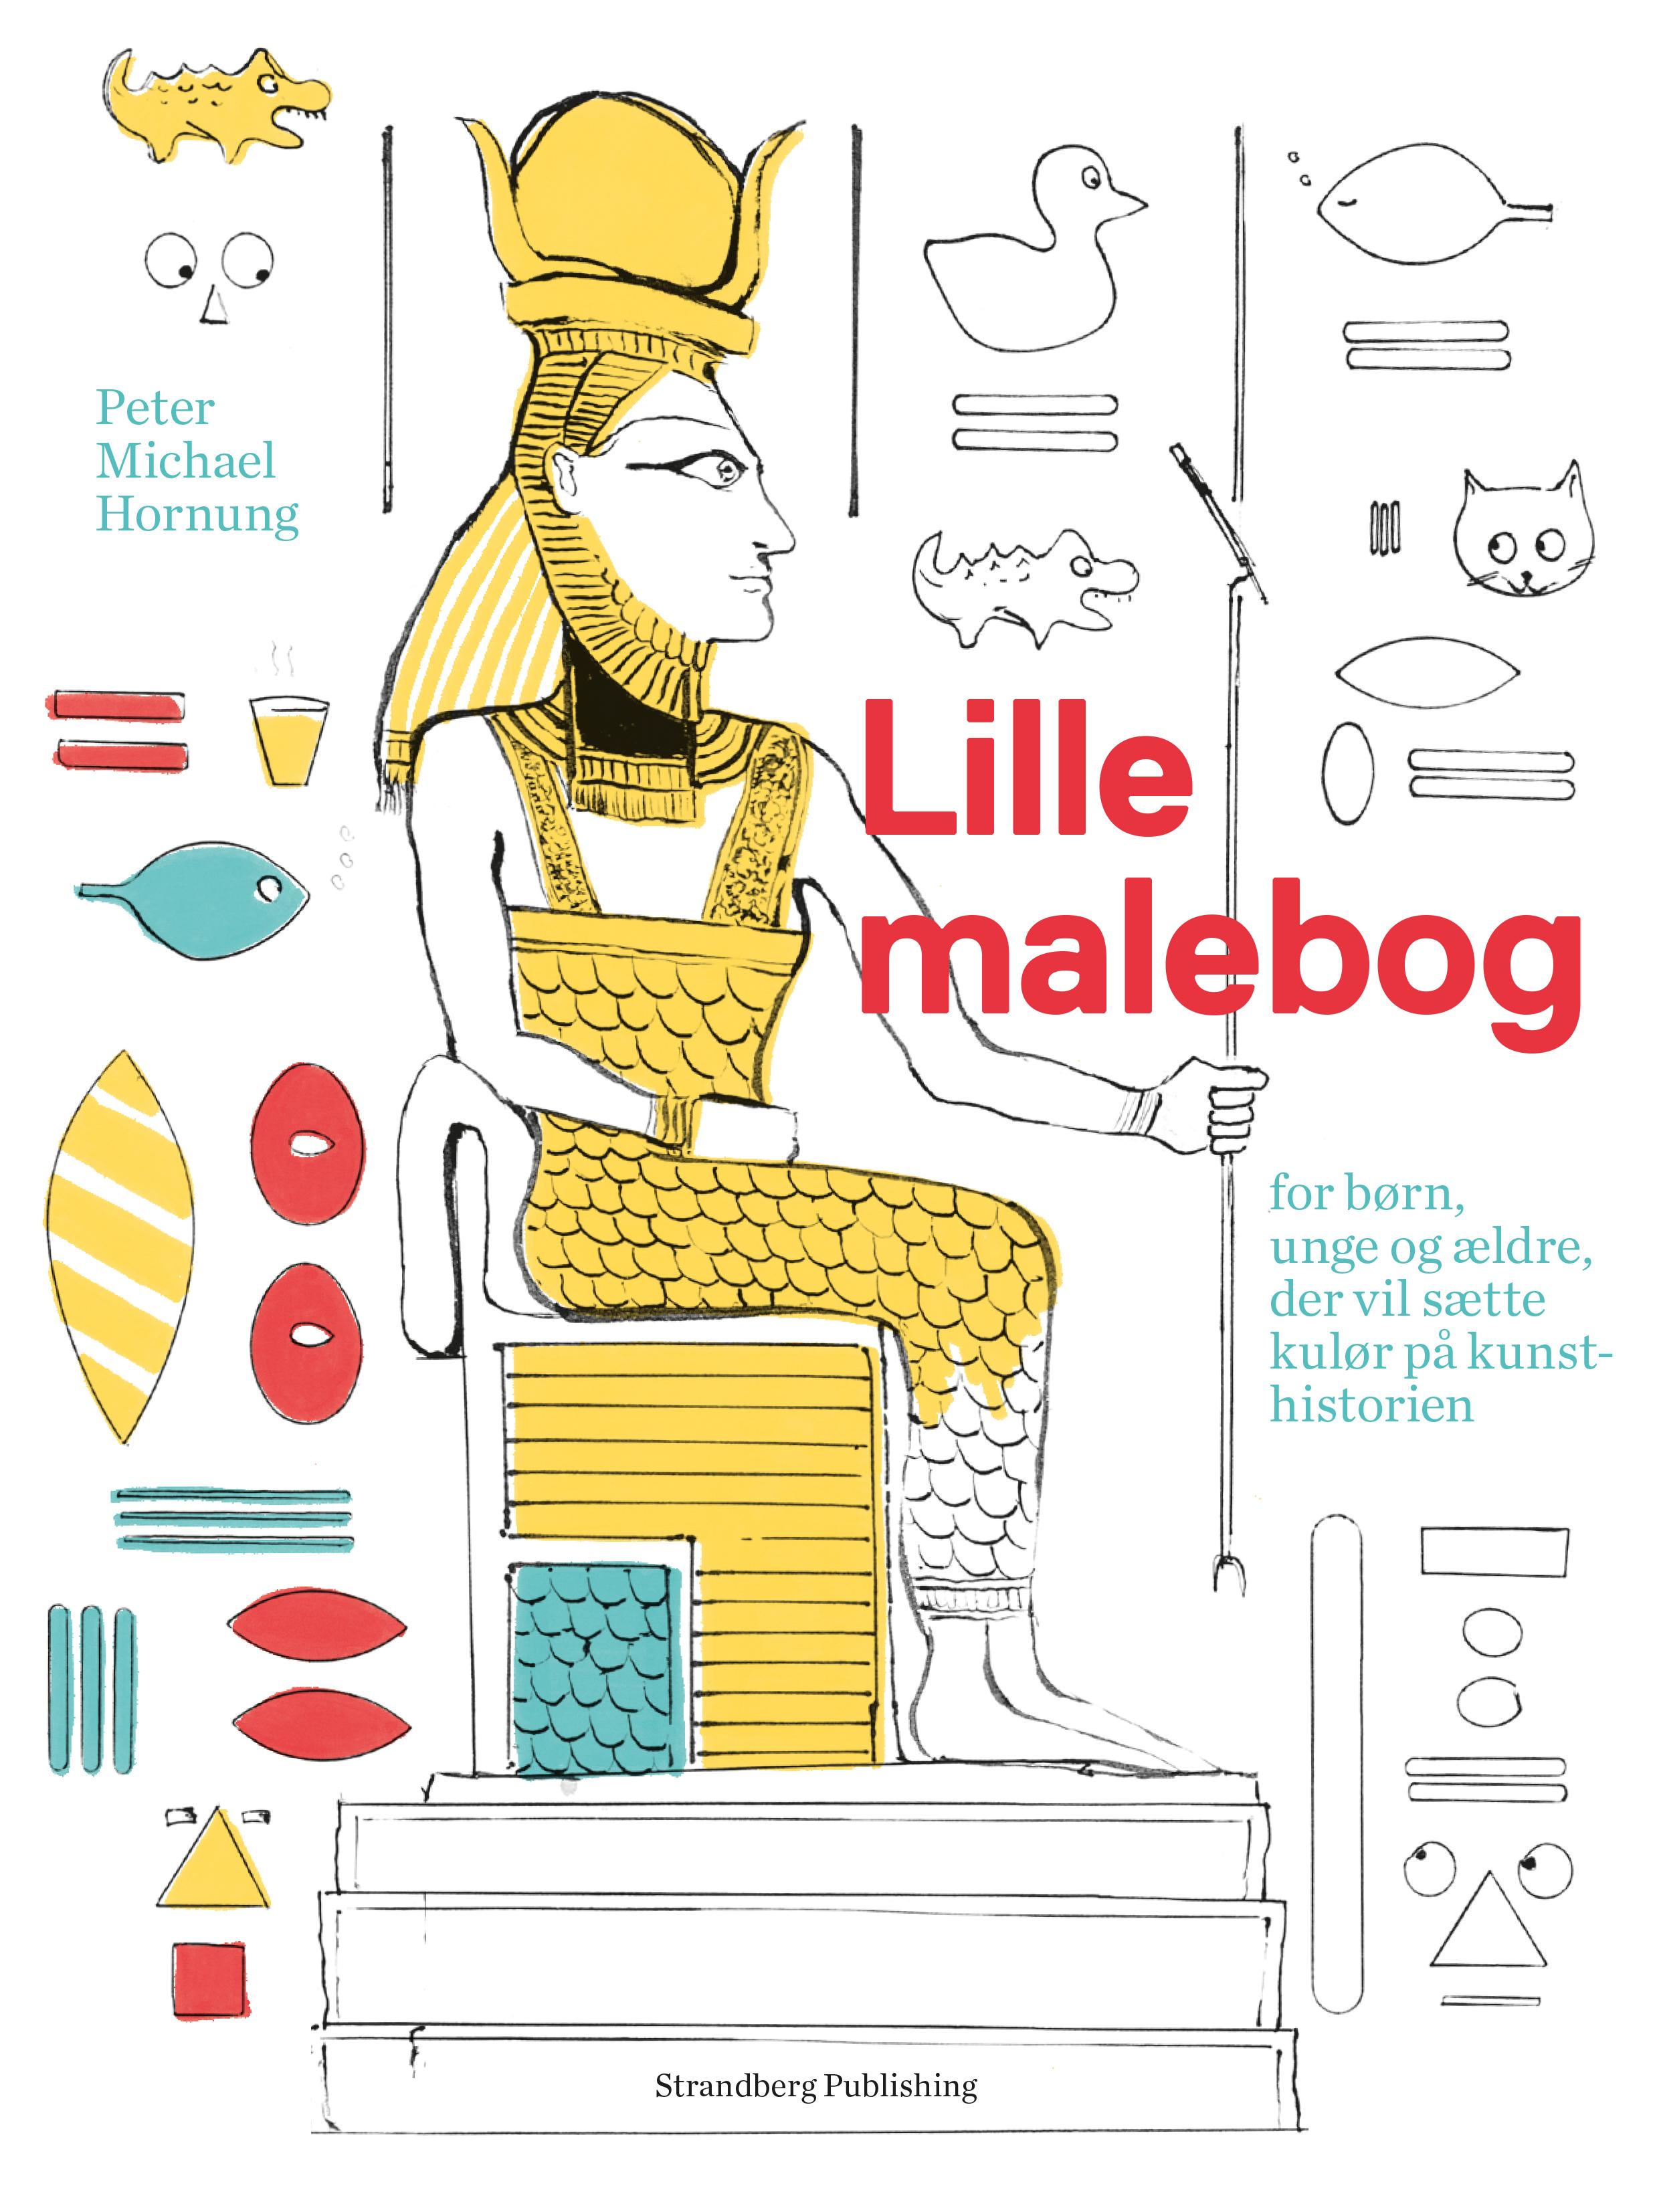 Picture of: Lille Malebog For Born Unge Og Aeldre Der Vil Saette Kulor Pa Kunsthistorien Strandberg Publishing A S